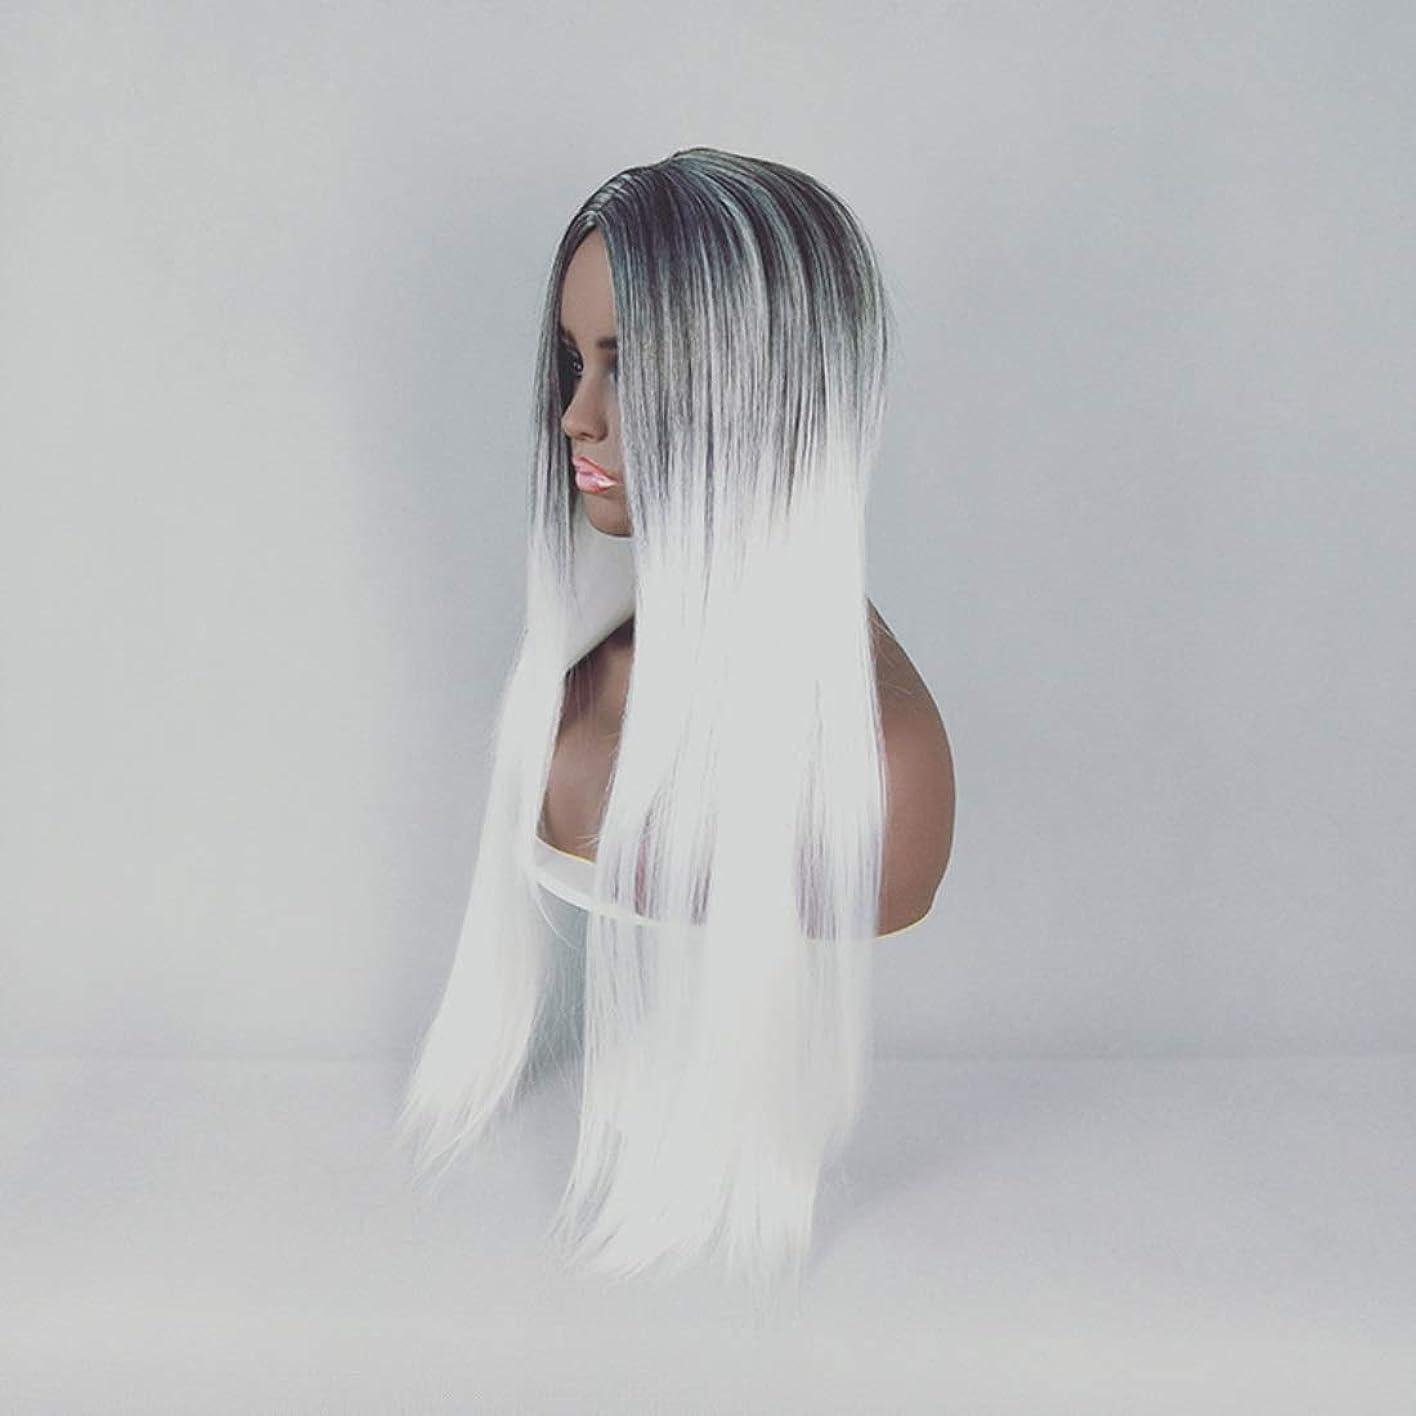 協力的労苦他のバンドでKerwinner 合成ストレートストレートヘアウィッグカラーグラデーションフルウィッグ女性のための前髪付き耐熱ウィッグロングウィッグコスプレ/パーティー用 (Color : White)